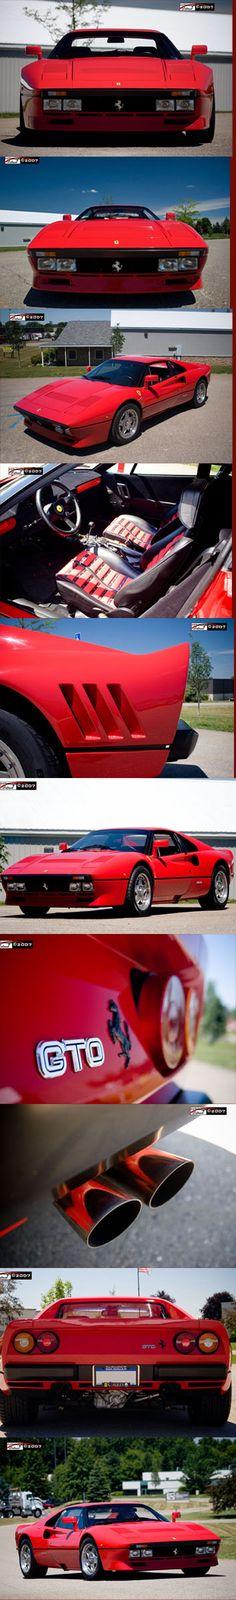 Ferrari 288 GTO ★。☆。JpM ENTERTAINMENT ☆。★。  Para saber más sobre los coches no olvides visitar marcasdecoches.org